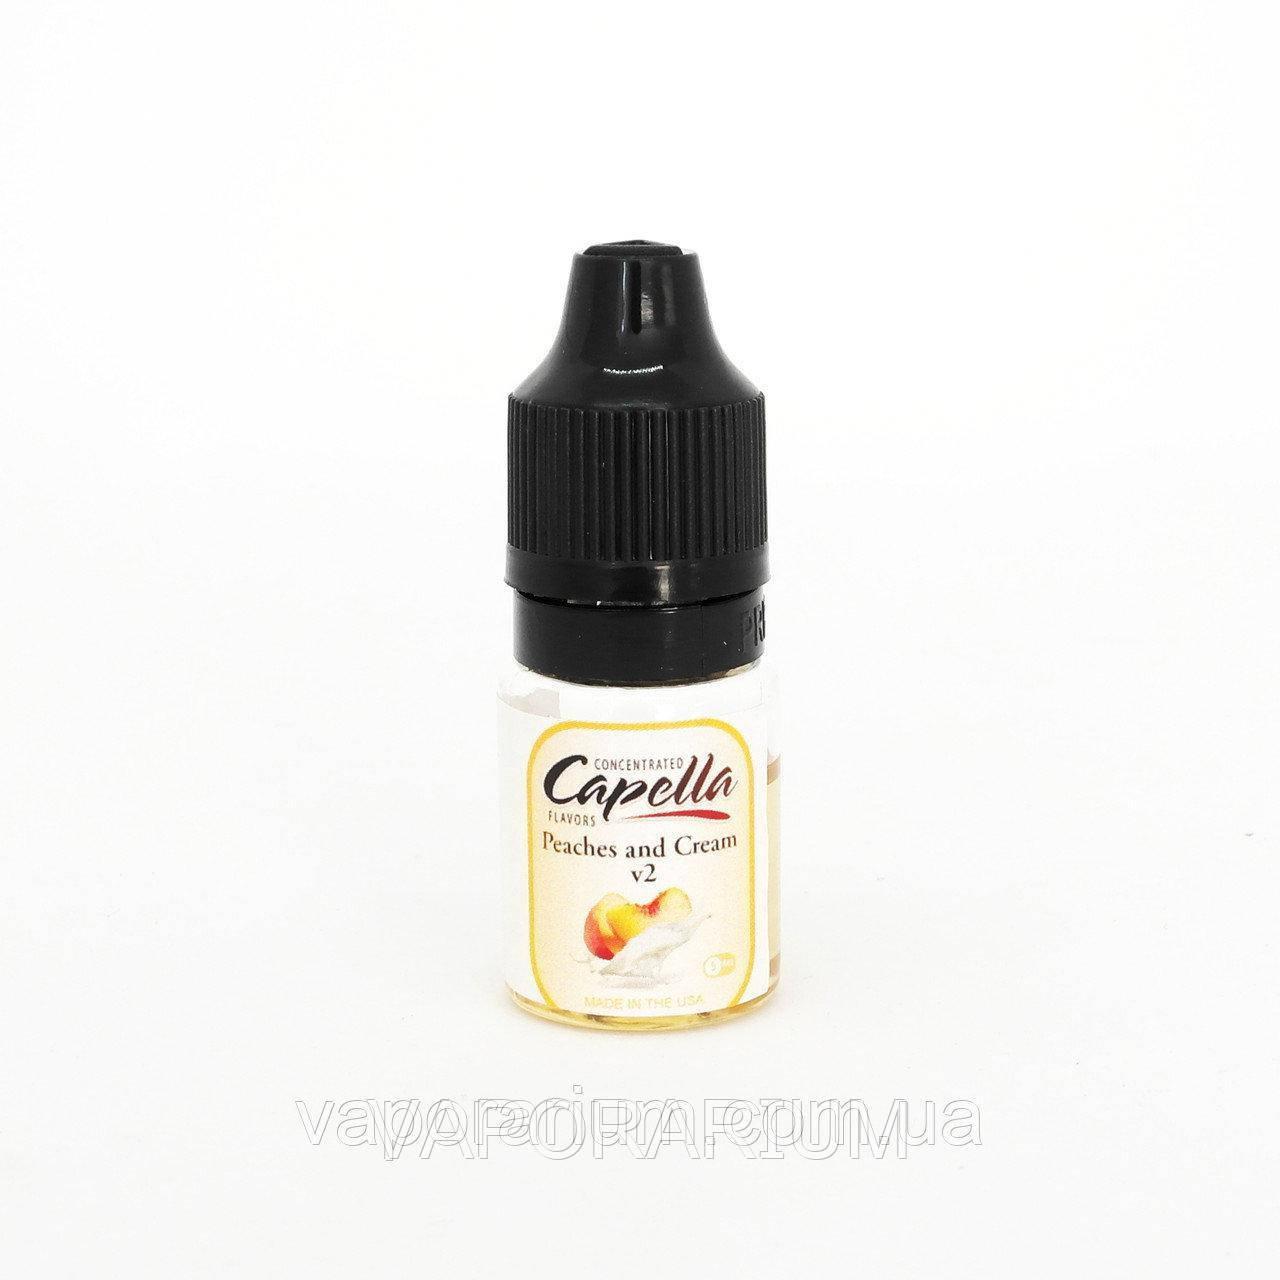 Ароматизатор Capella Peaches and Cream (Персики с кремом) 5 мл. (0221)